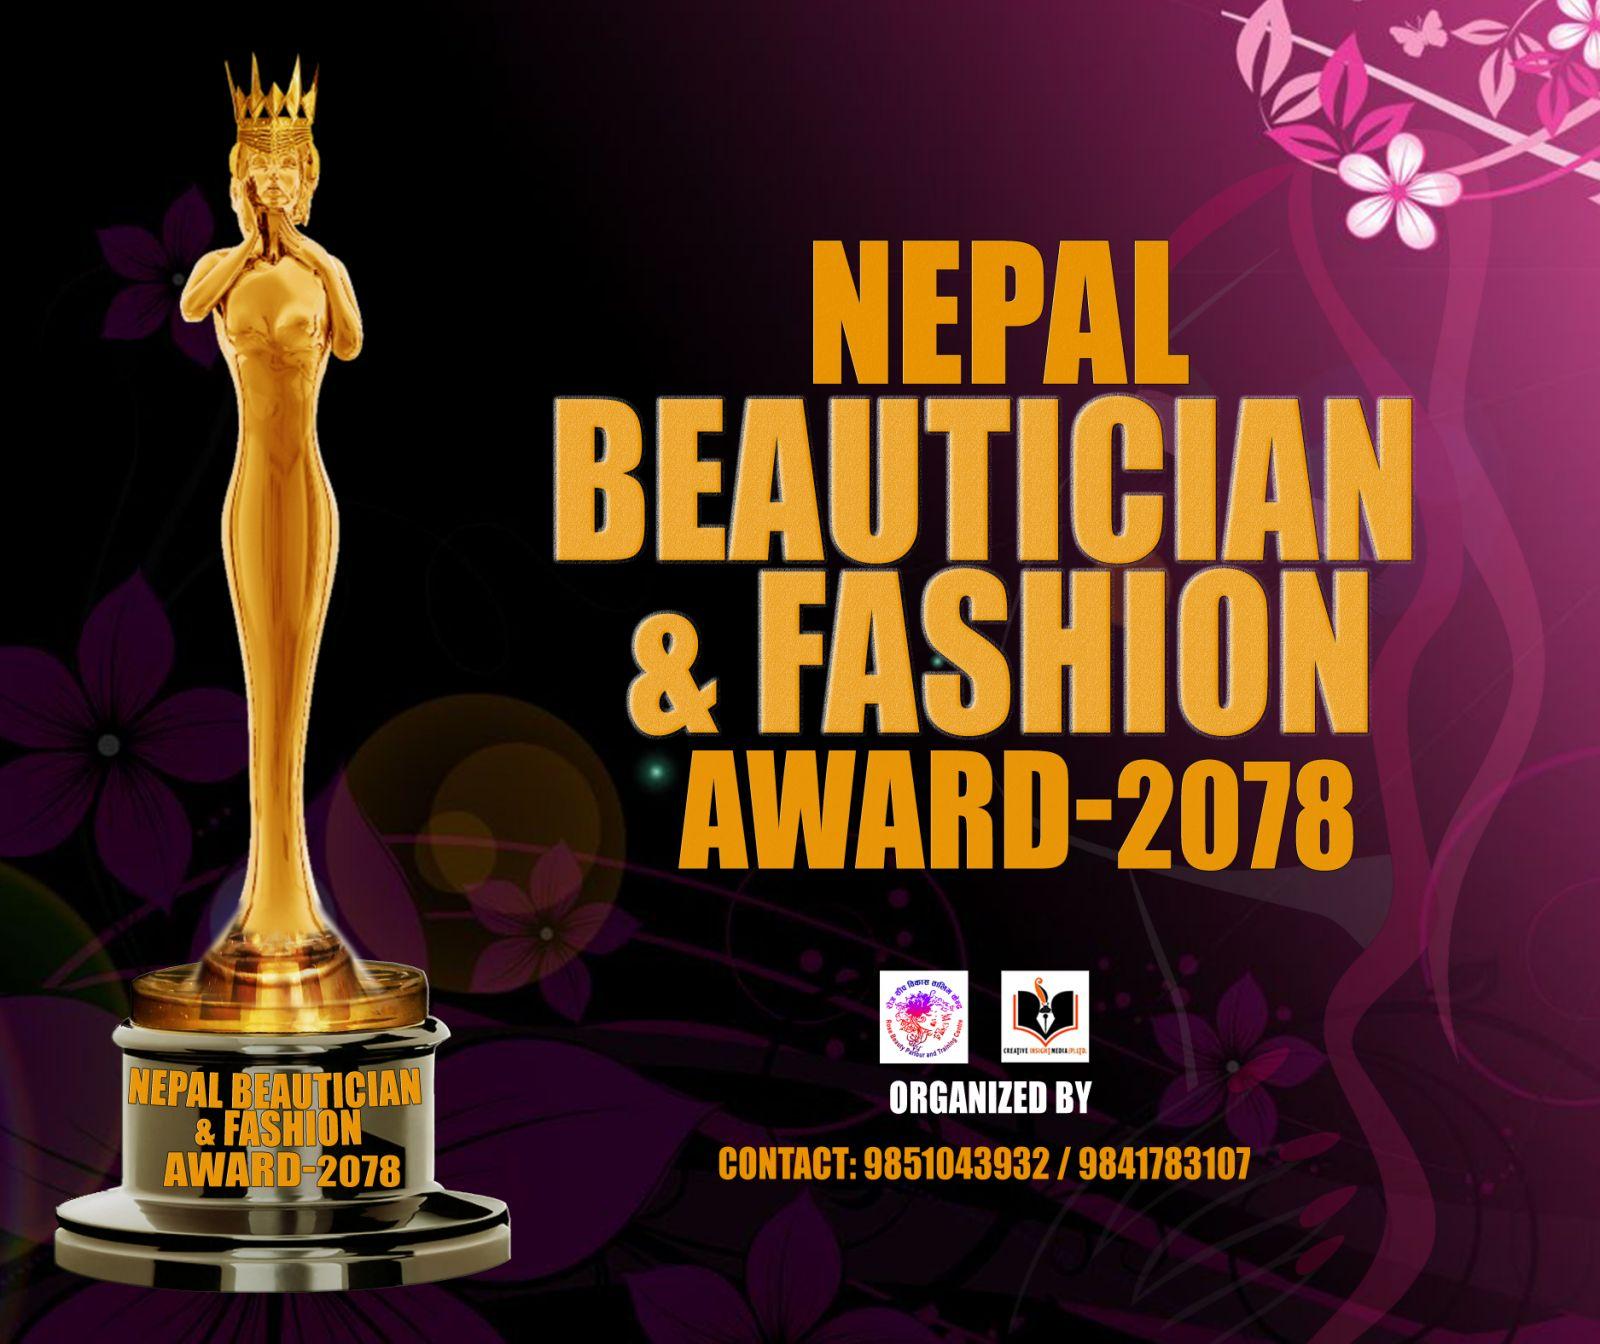 नेपाल ब्युटिसियन एण्ड फेसन अवार्ड-२०७८ हुने आबेदन फारम खुल्ला